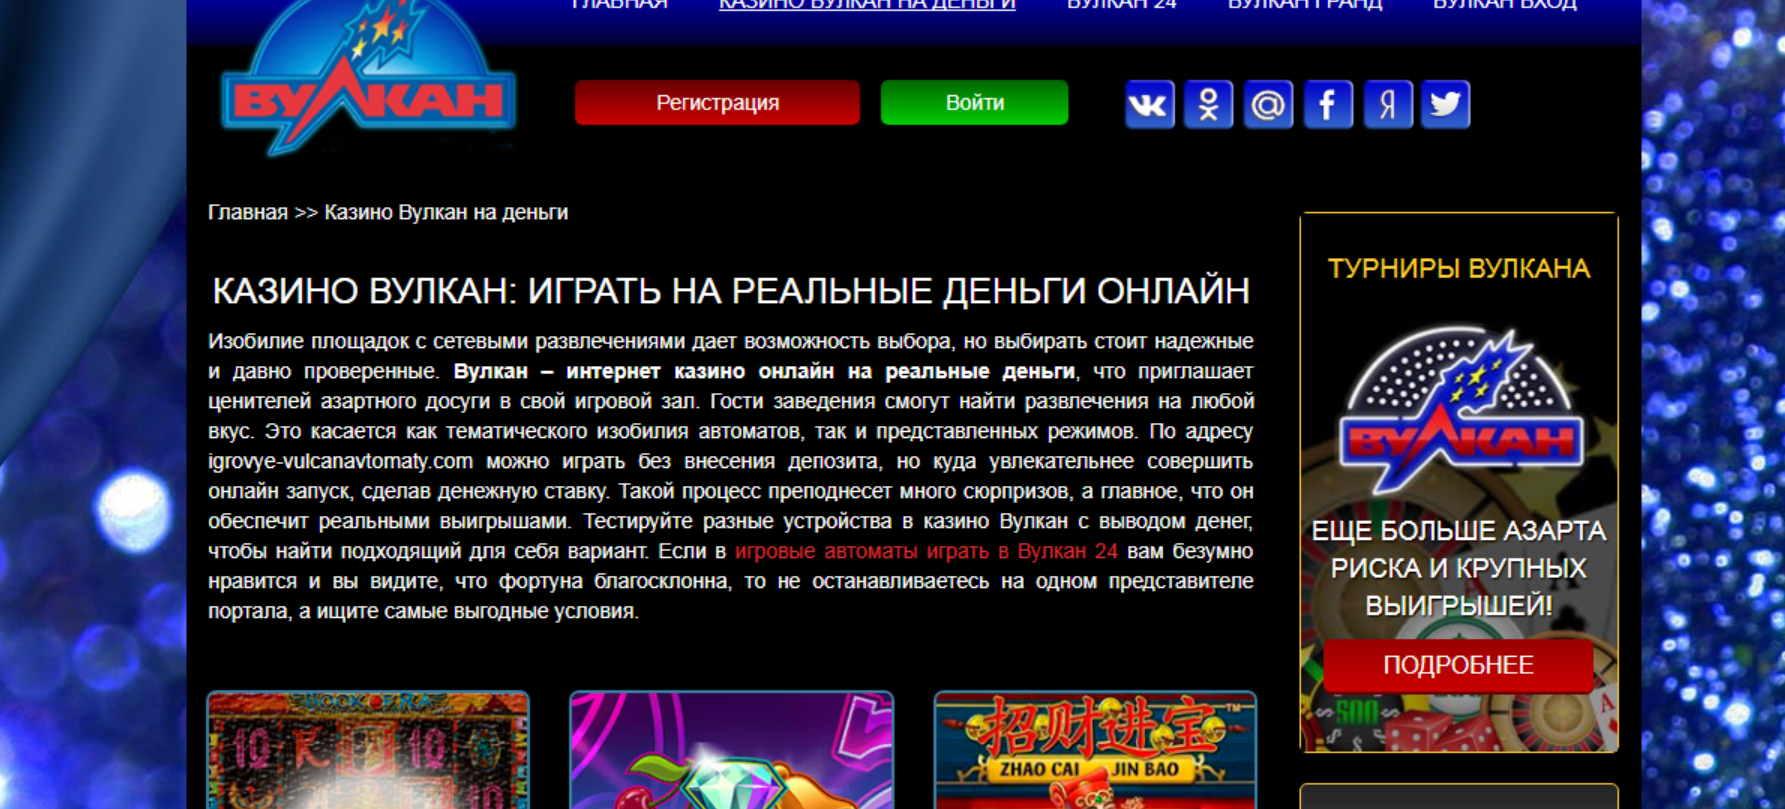 Электронное казино на деньги вулкан хорошая i рулетка на виртуальные деньги